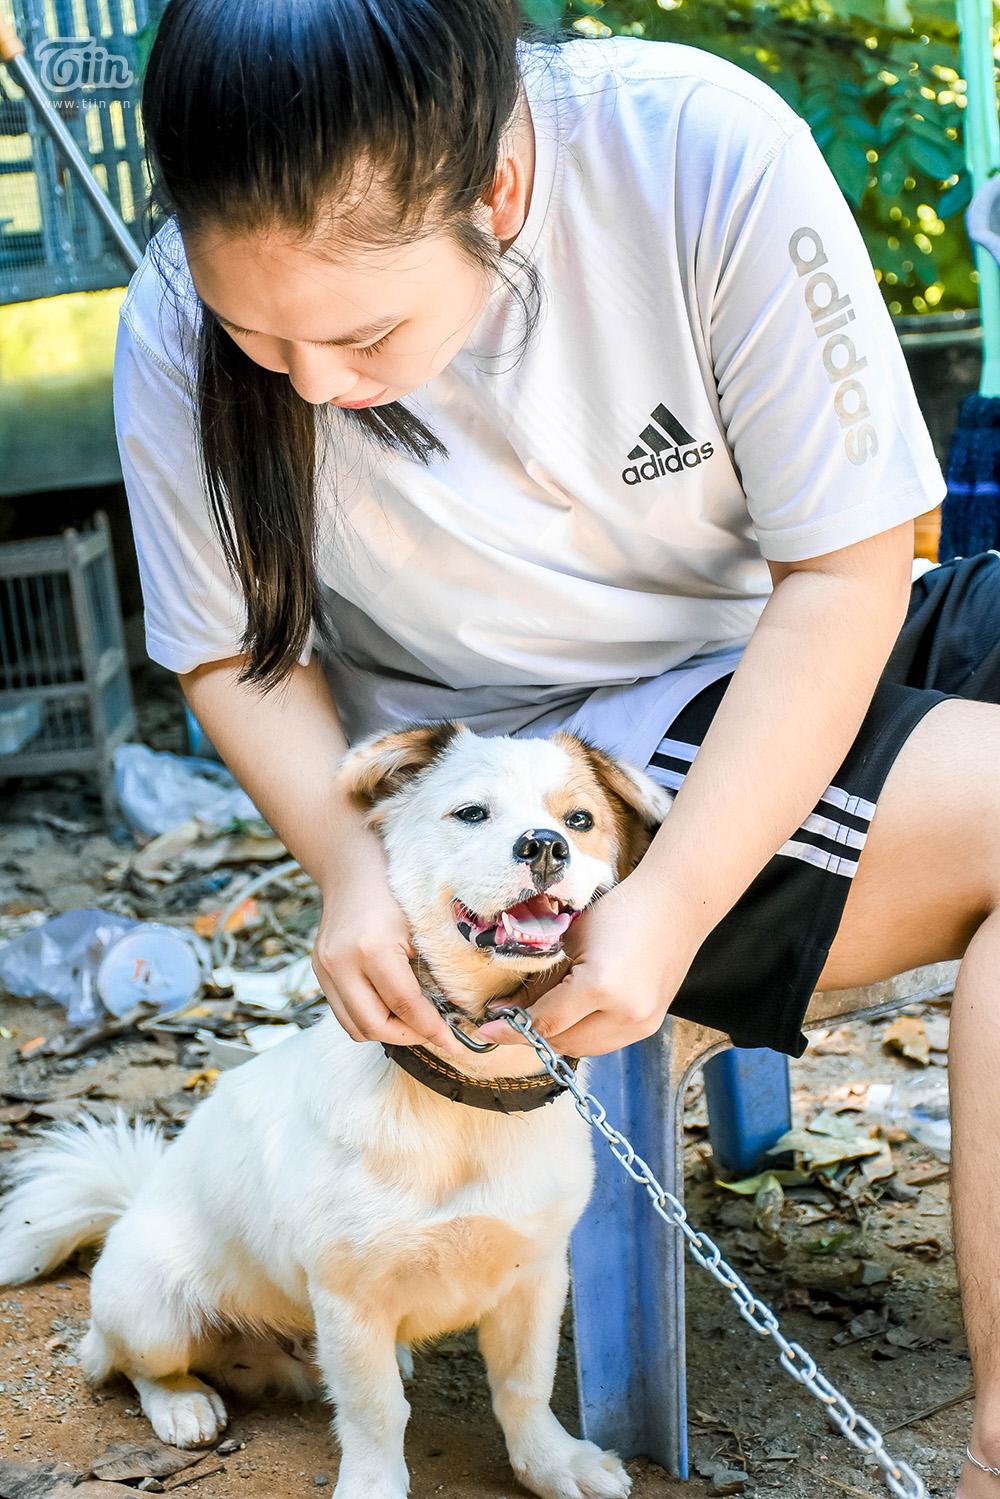 Chùm ảnh: Cuộc sống của những chú chó bị bỏ rơi nơi 'mái ấm' cách xa khu dân cư ở Đà Nẵng 16